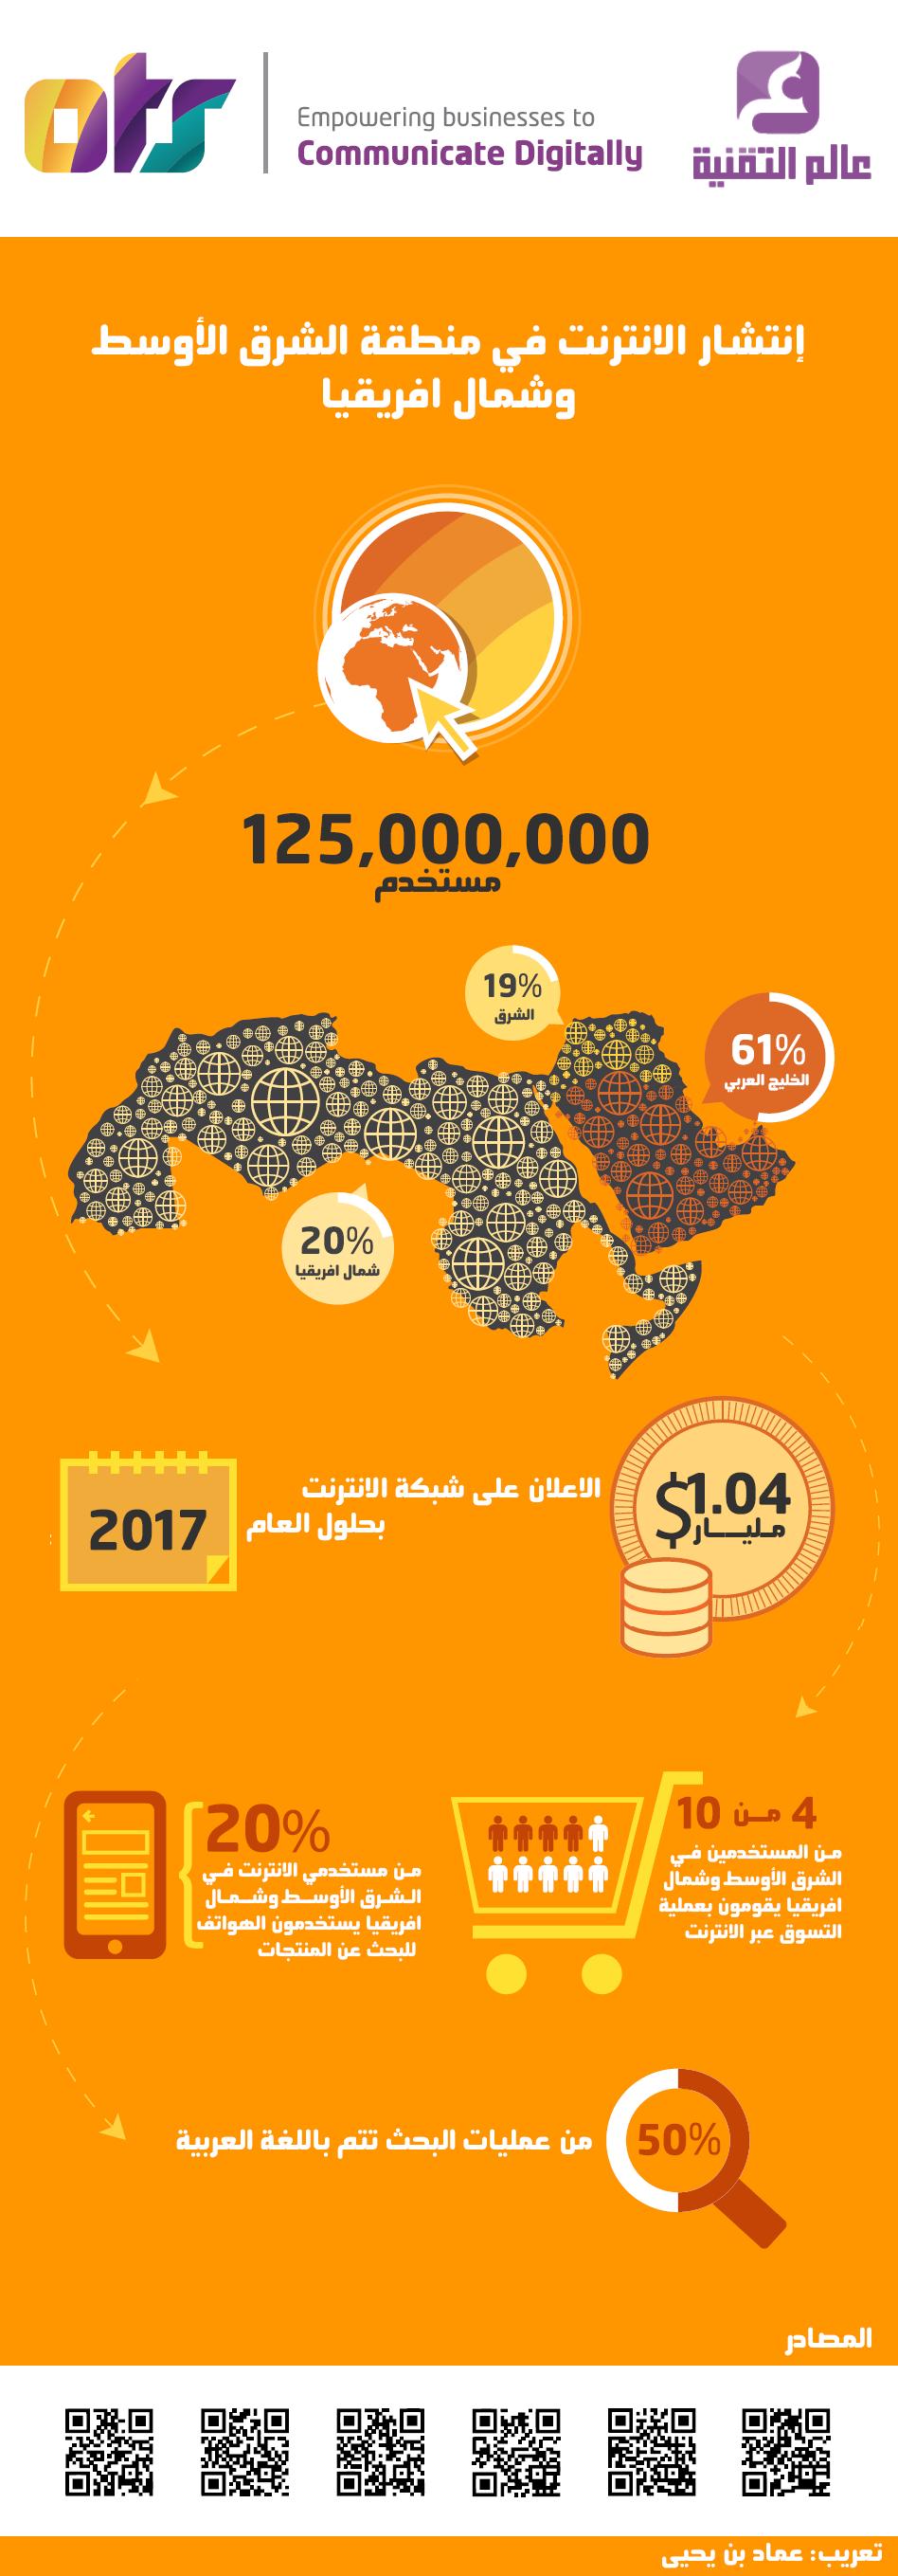 انتشار الانترنت في منطقة الشرق الاوسط وشمال افريقيا